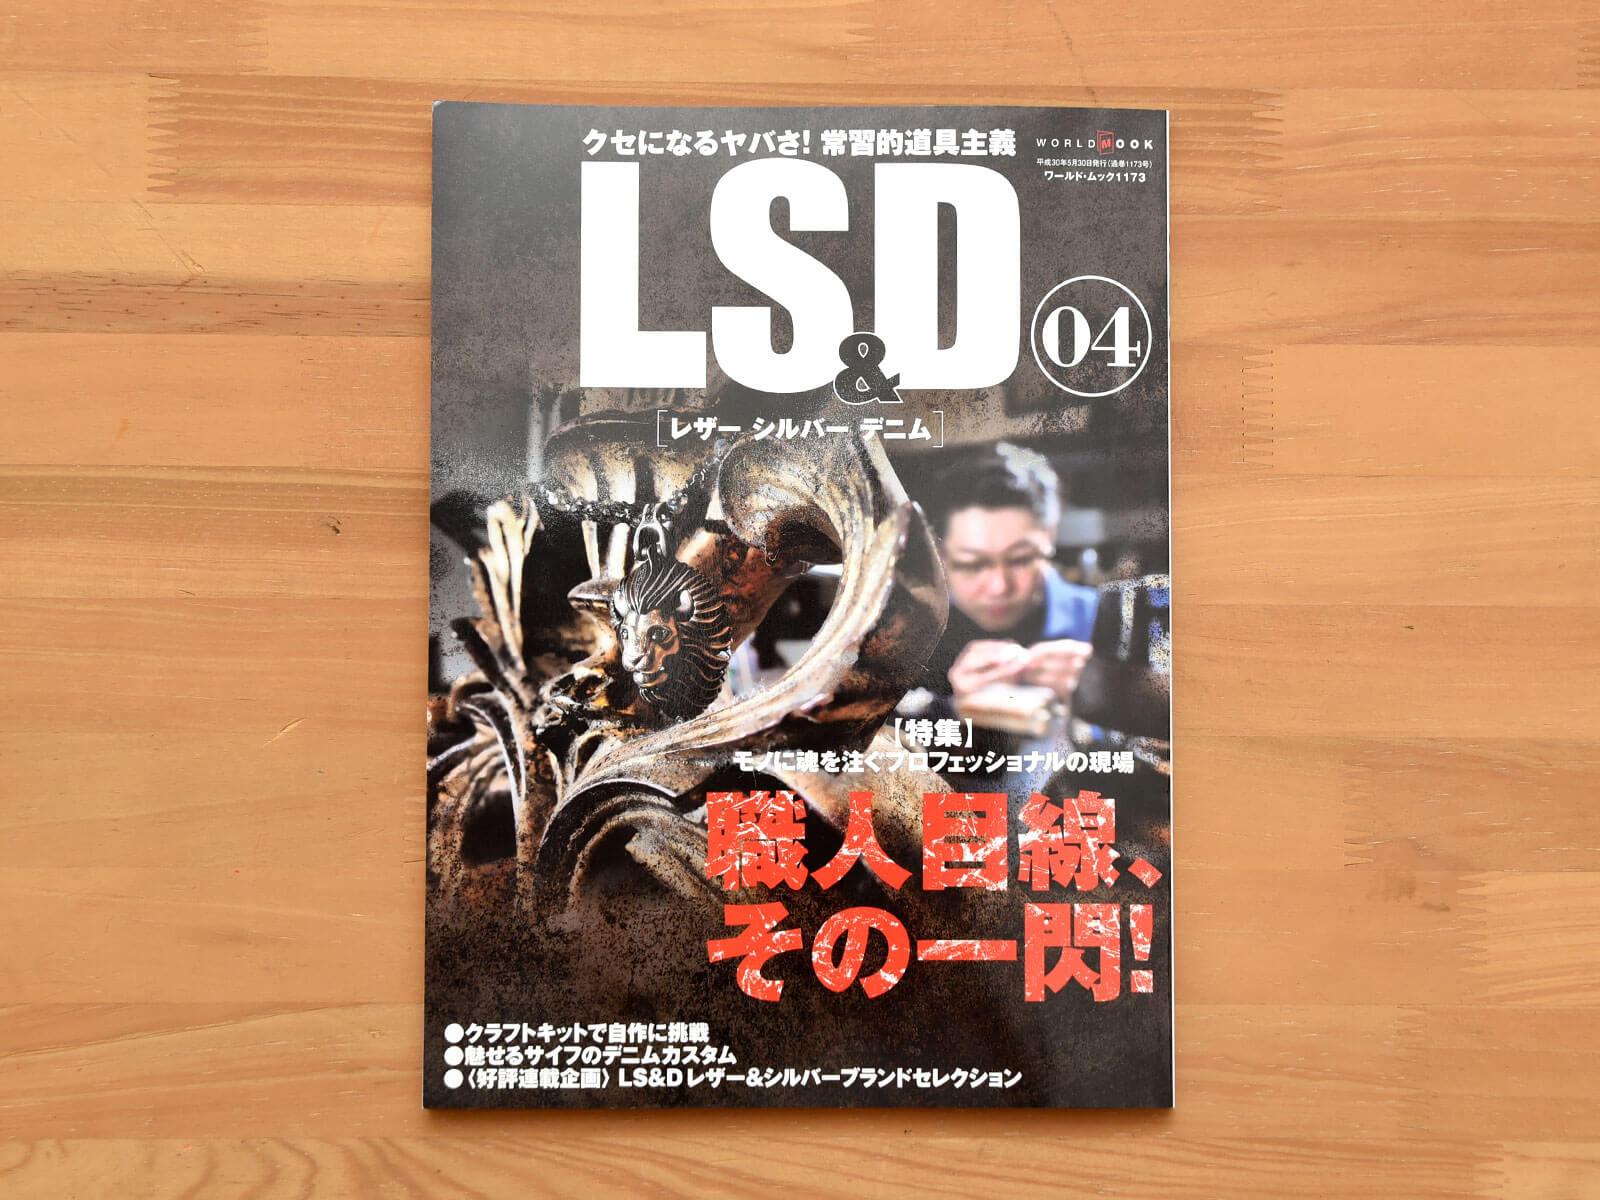 雑誌掲載のお知らせ「LS&D レザーシルバーデニム No.4」